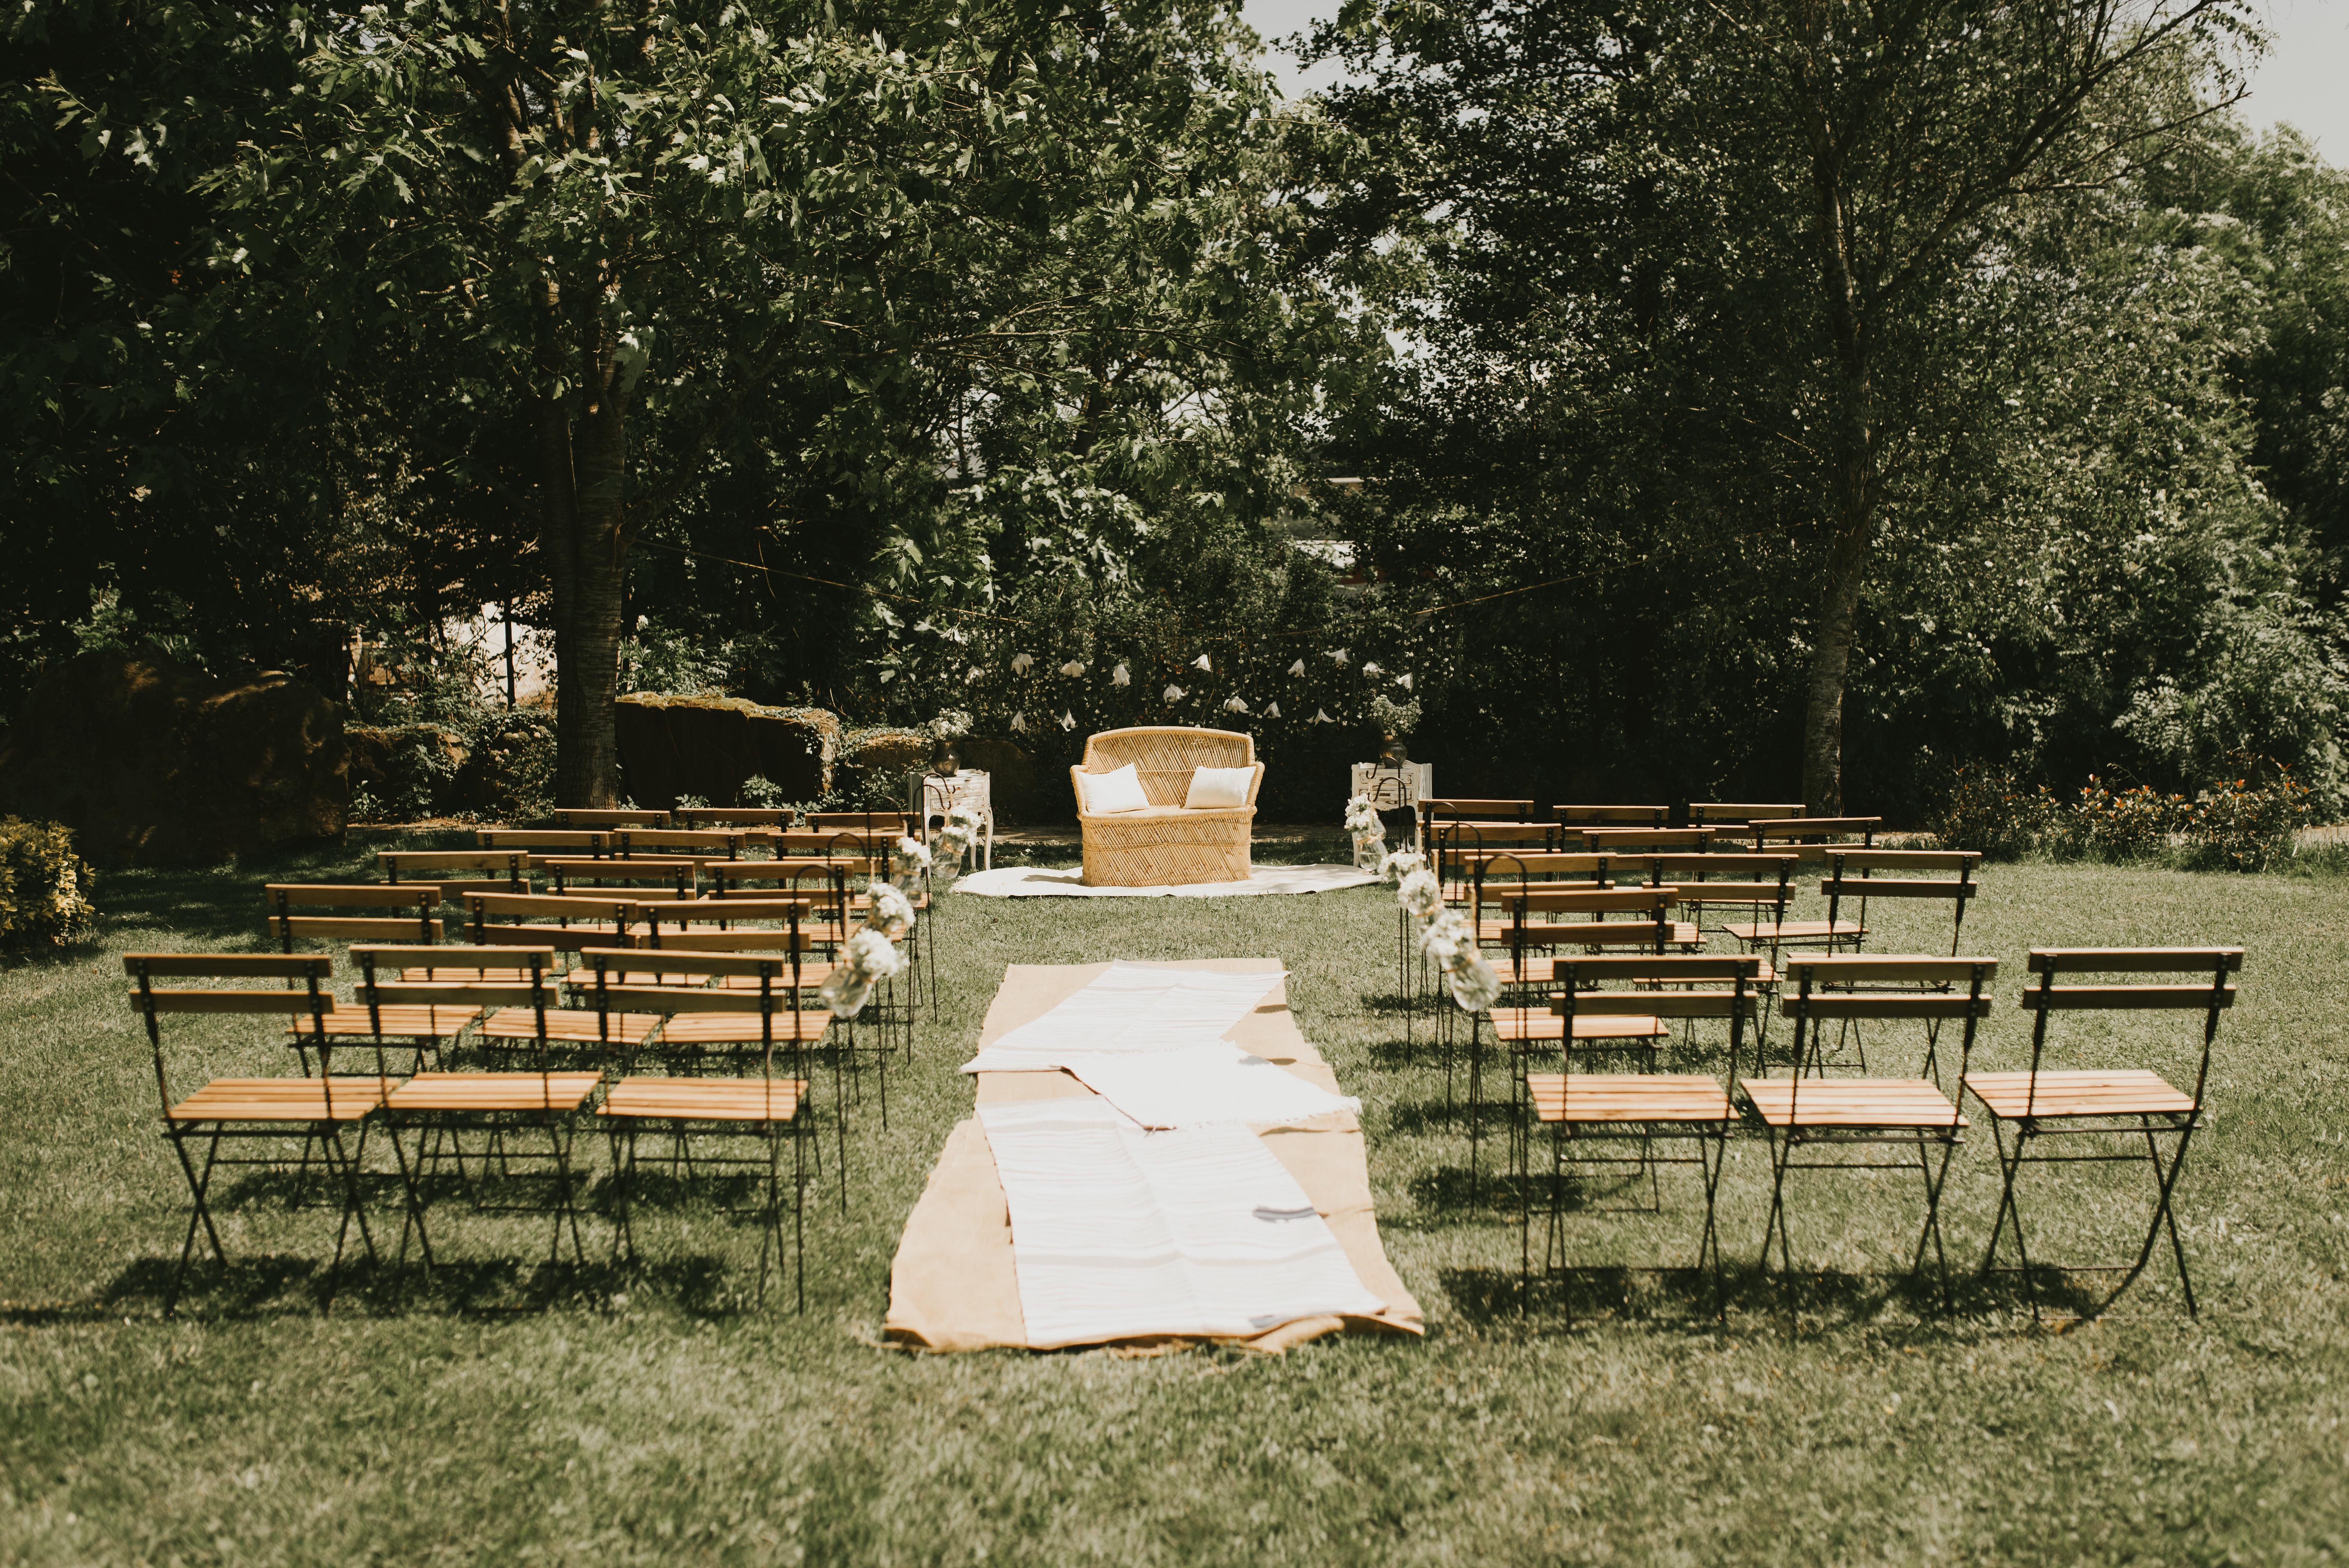 Ceremonia nupcial con sillón doble ratán, alfombras y sillas de forja y madera en entorno natural